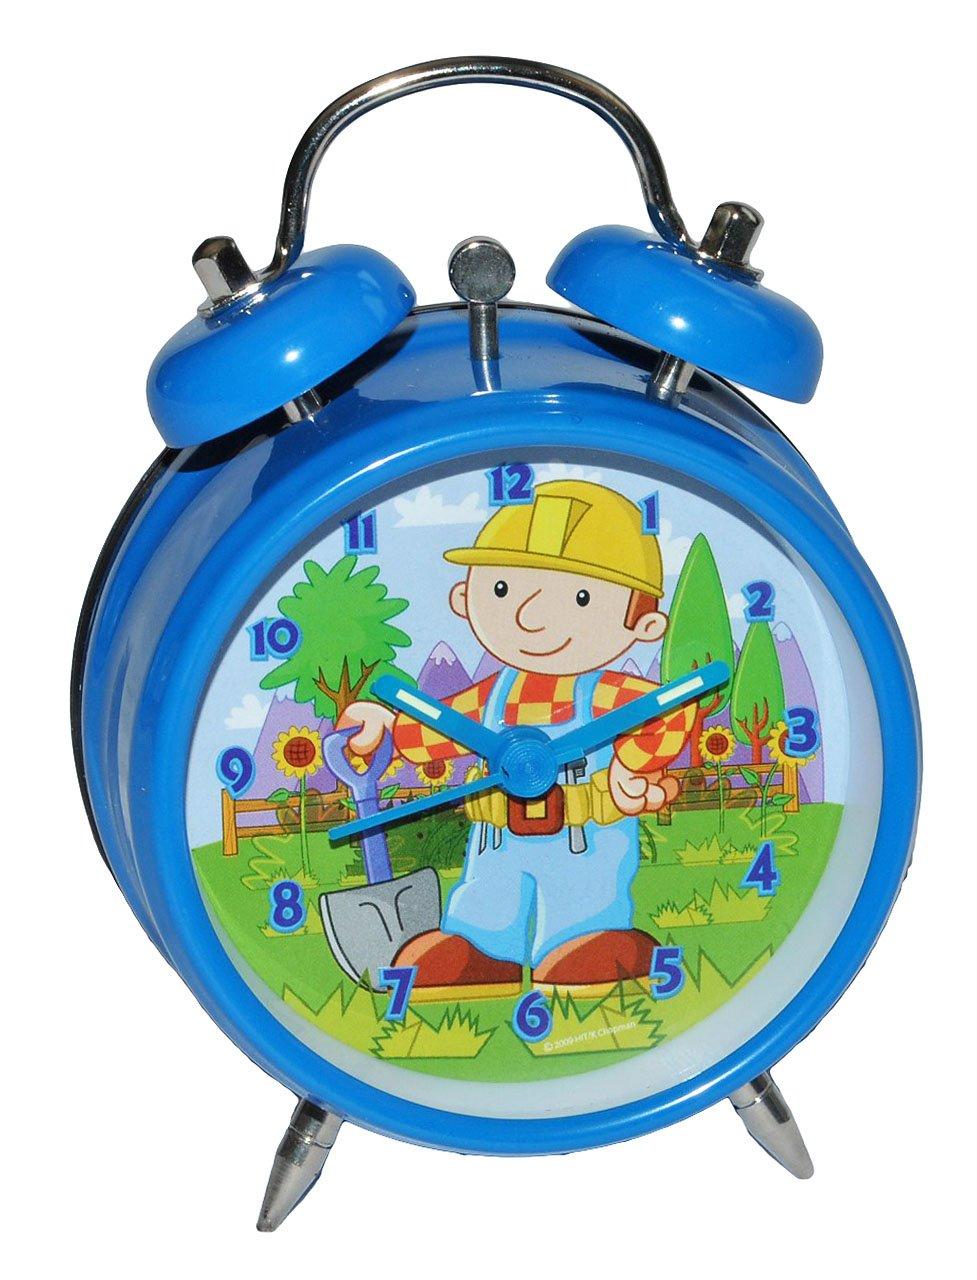 Kinderwecker Bob der Baumeister – für Kinder Metall Wecker Analog – Alarm Kinderwecker Metallwecker – Baustelle Jungen Baufahrzeuge blau günstig bestellen